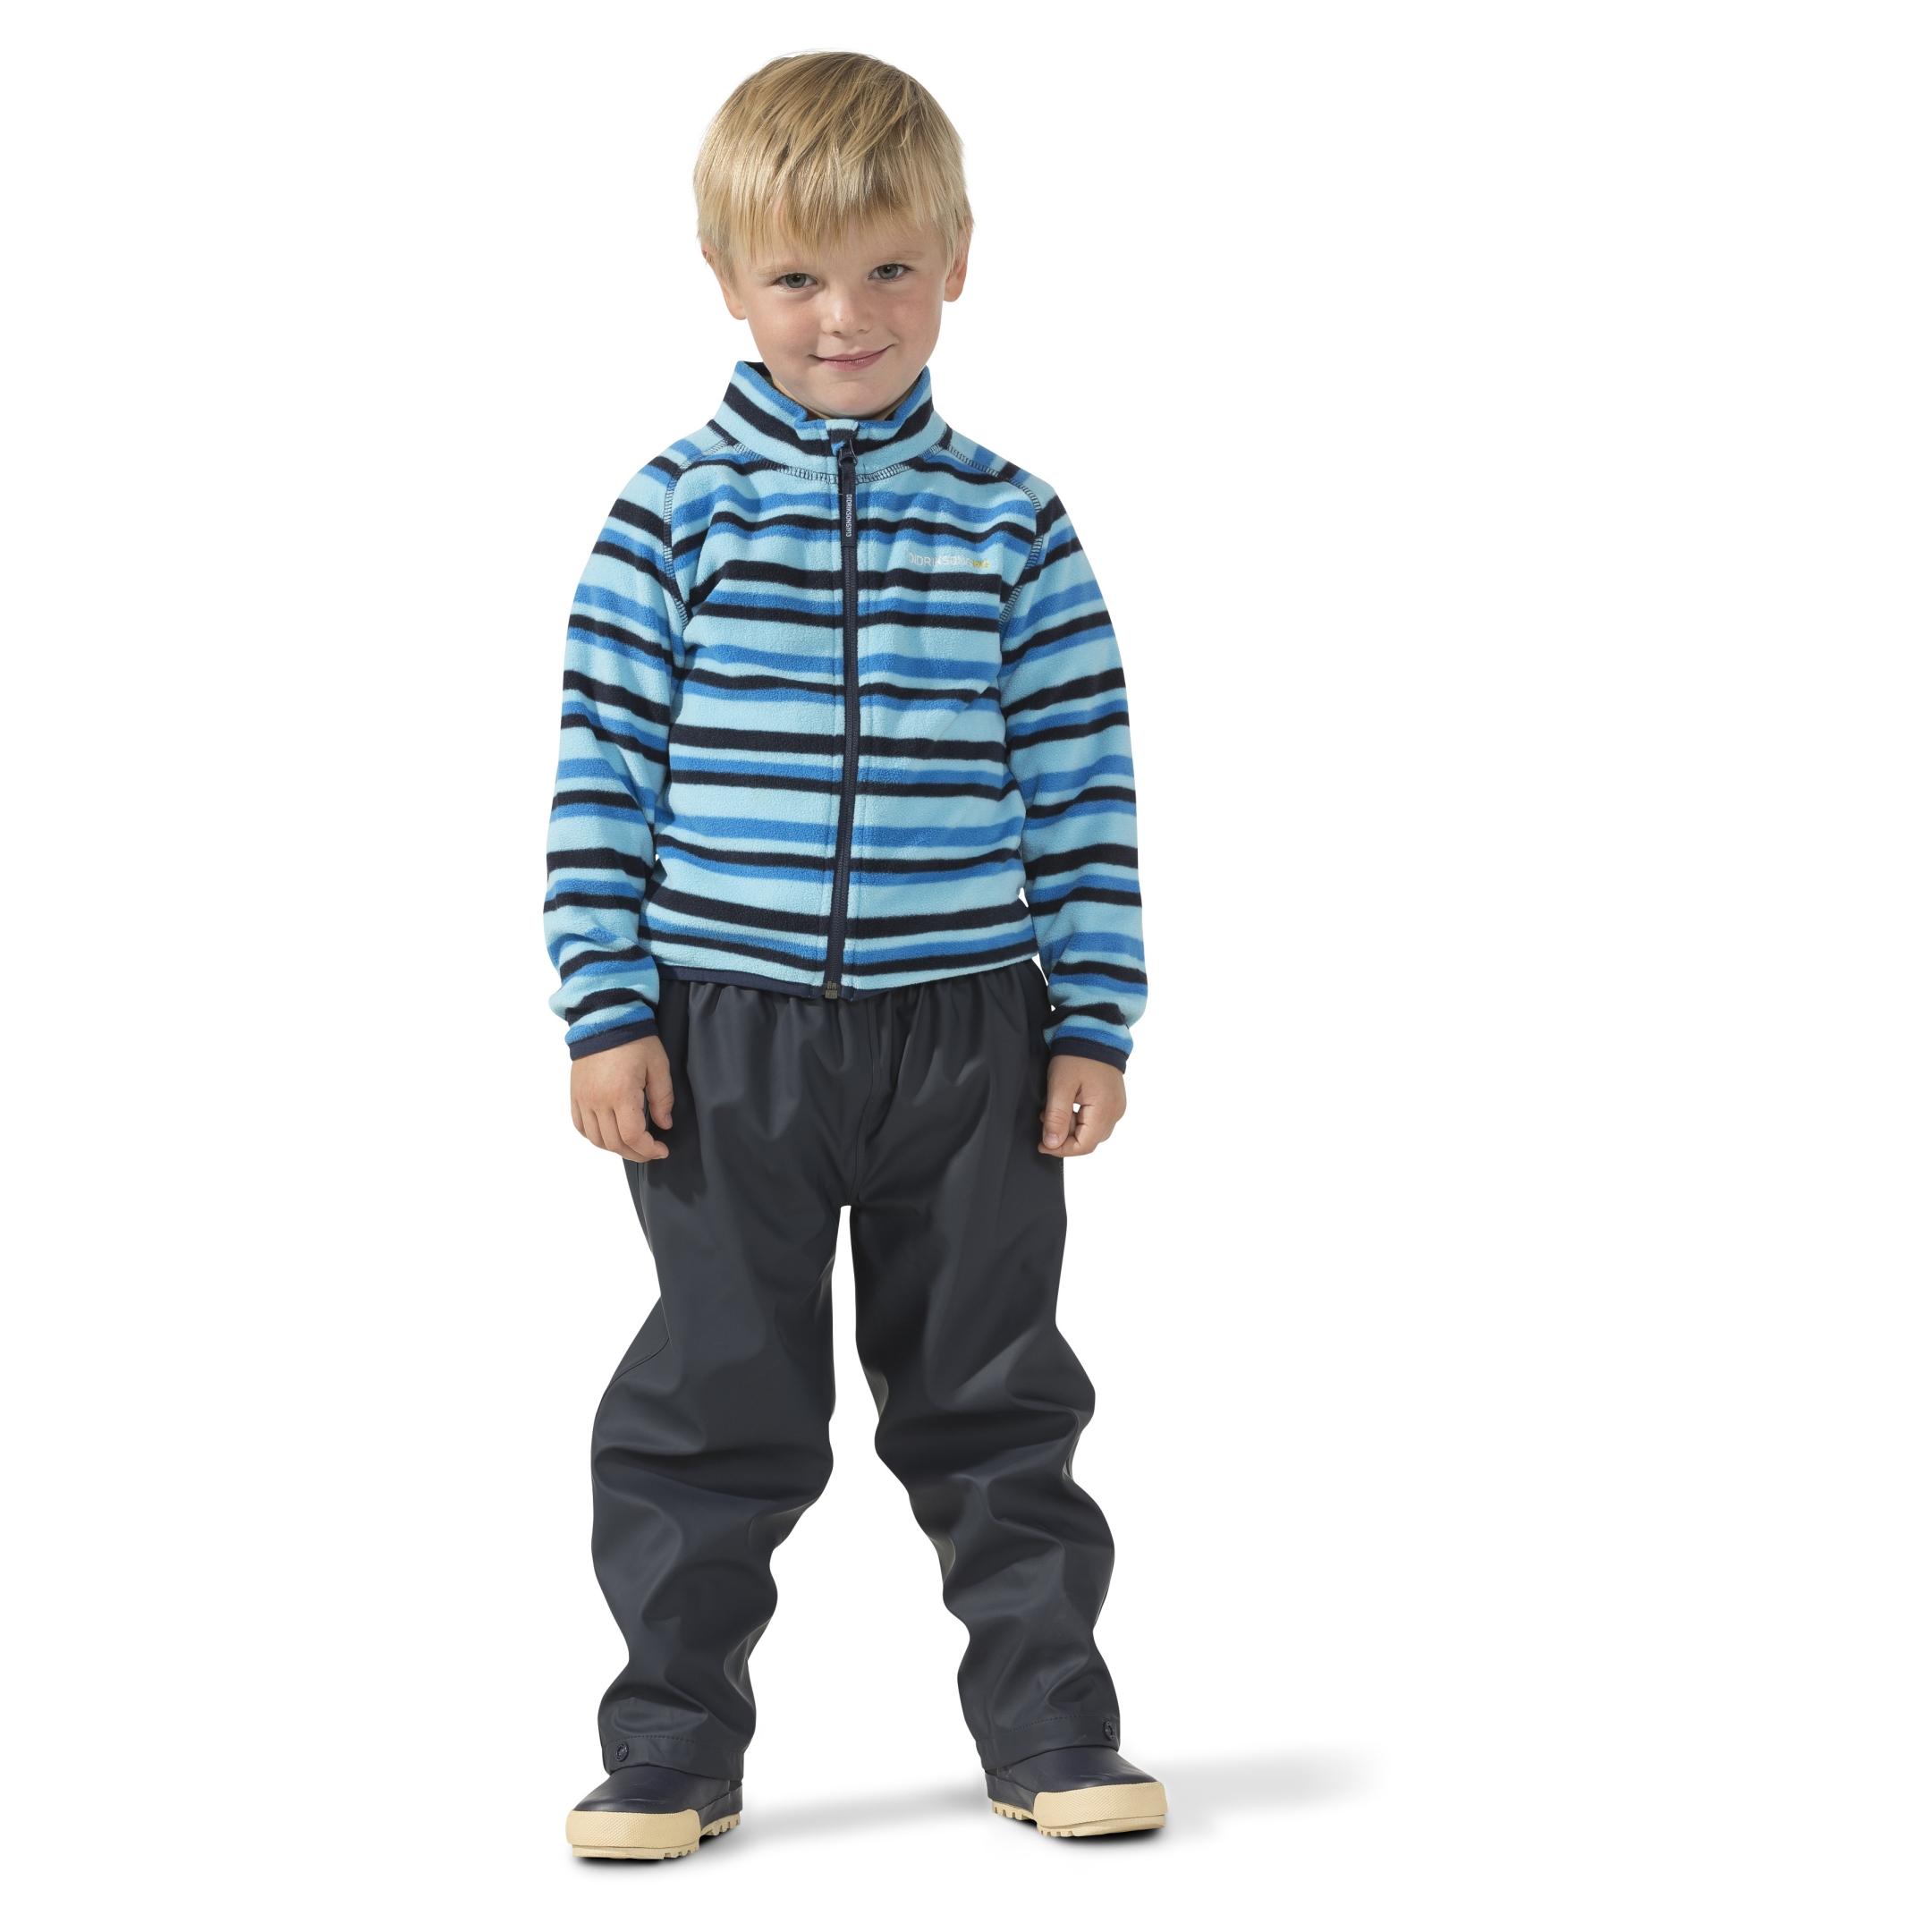 Дидриксон брюки детские дождевые MIDJEMAN, - фото 4